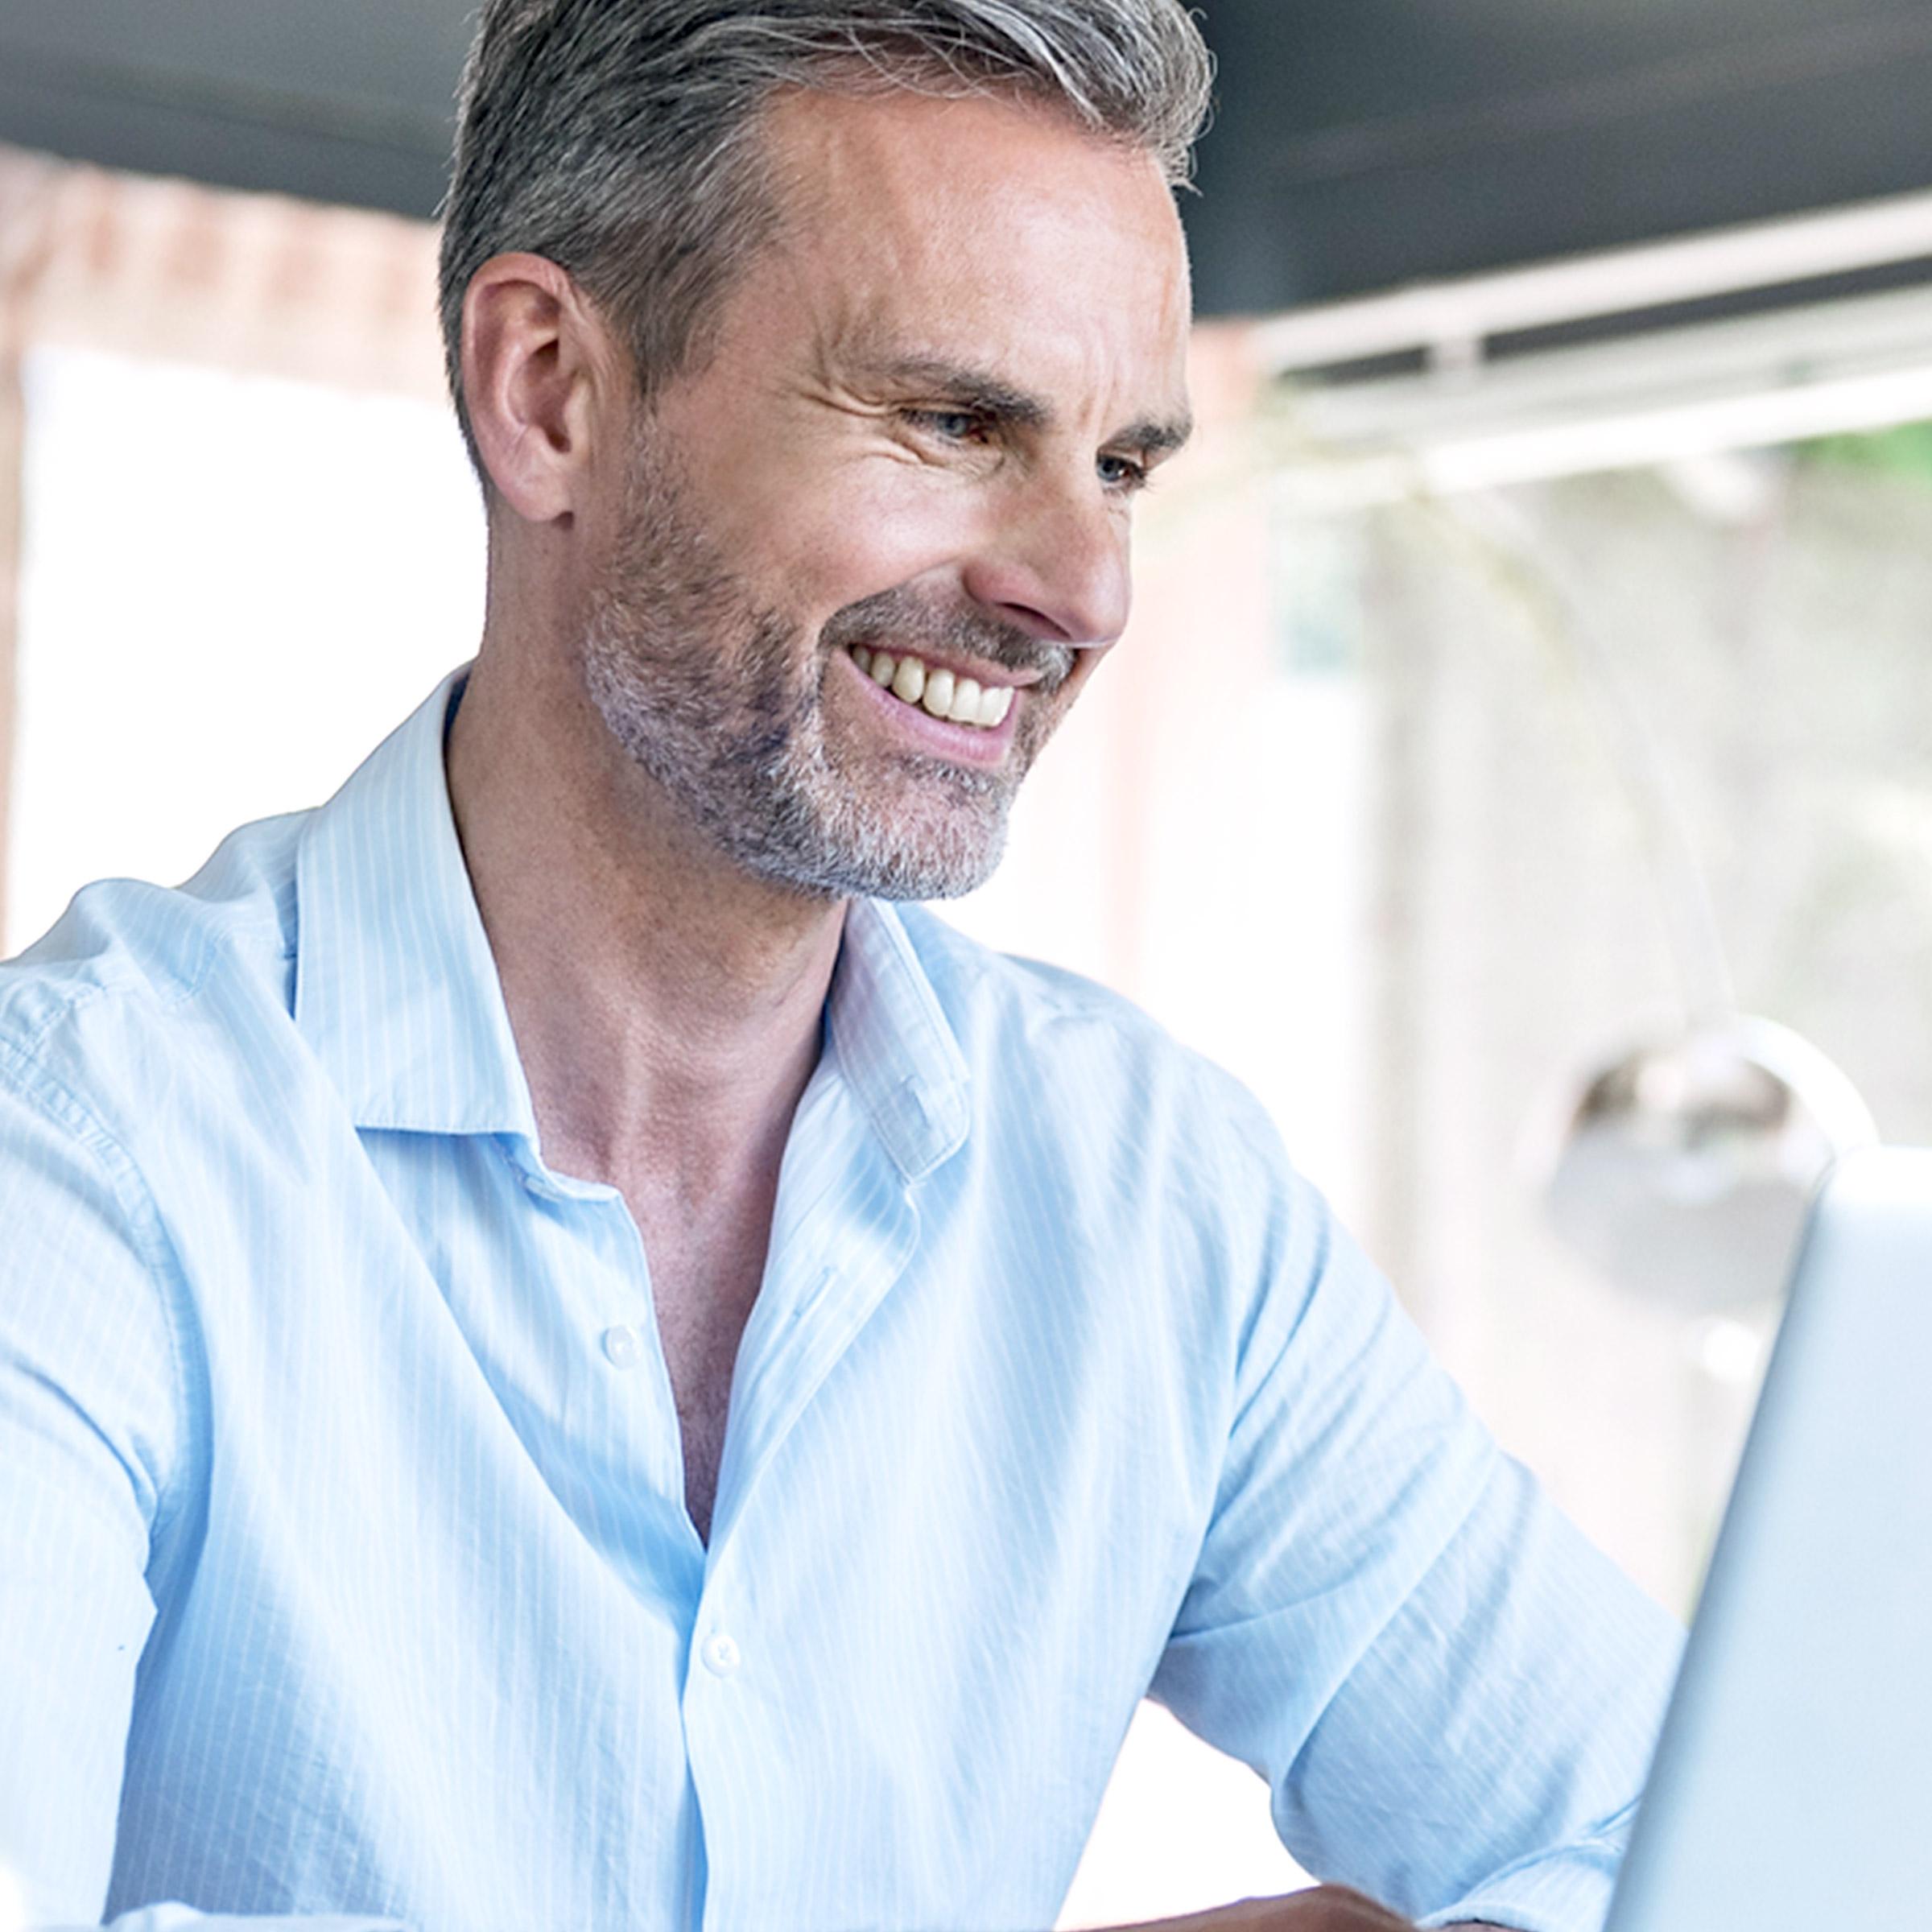 Les outils de trading de LYNX - l'expertise d'un courtier pour optimiser votre trading